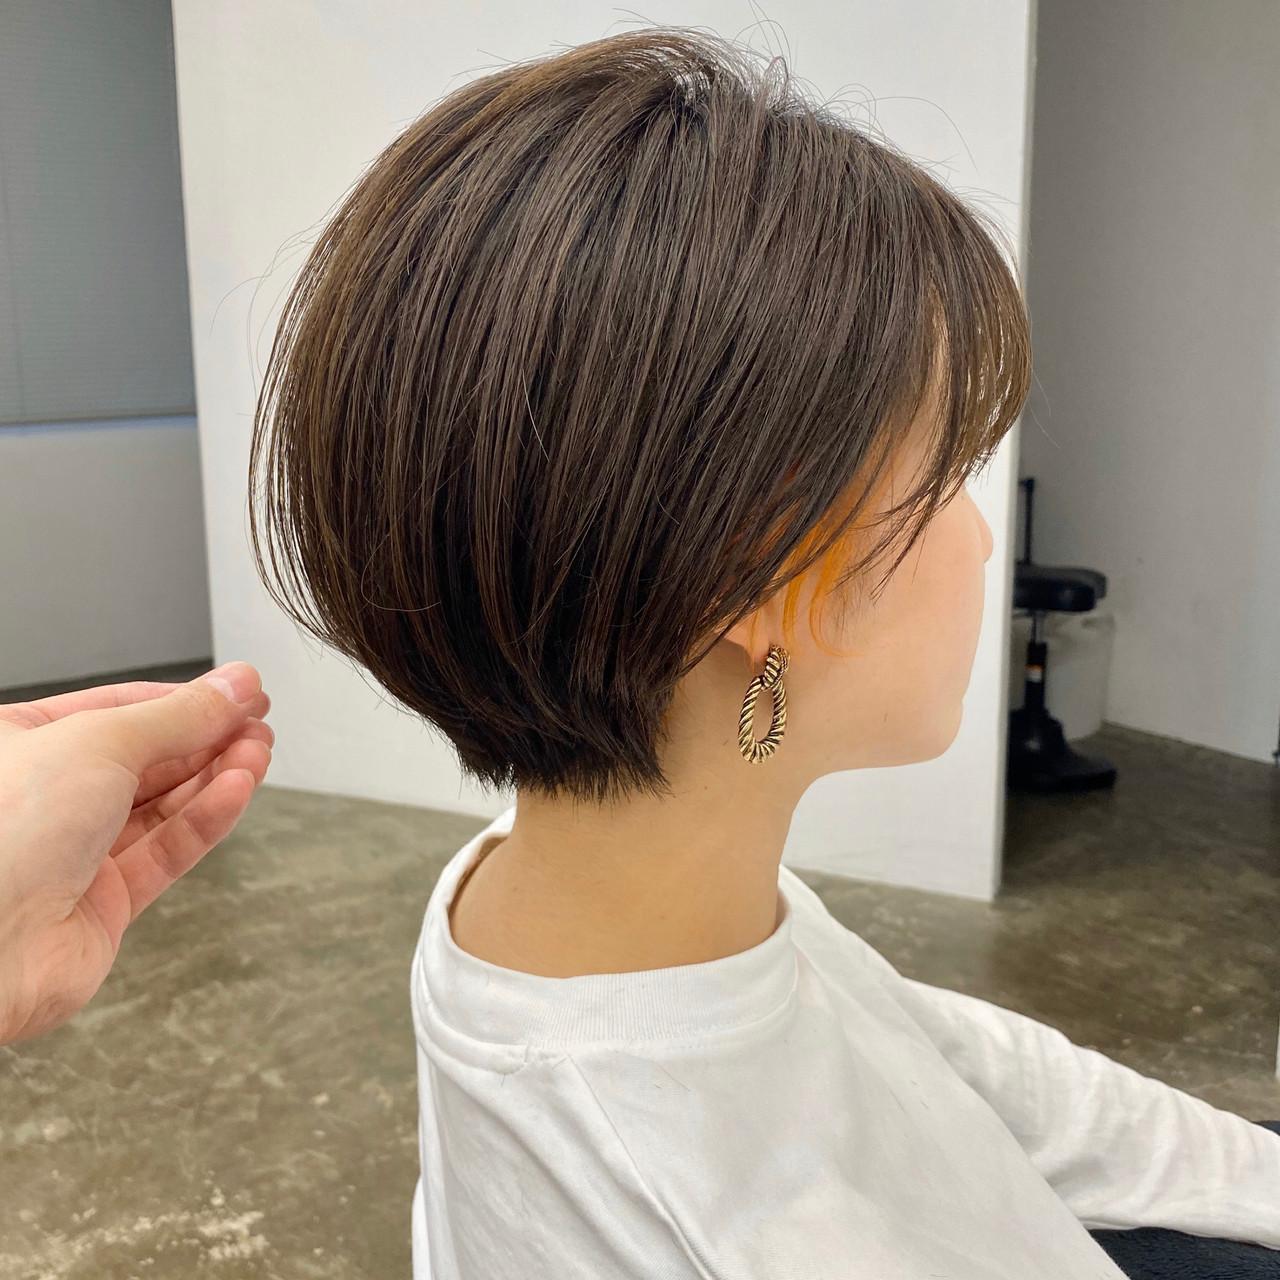 ショートヘア 大人ショート 丸みショート ナチュラル ヘアスタイルや髪型の写真・画像